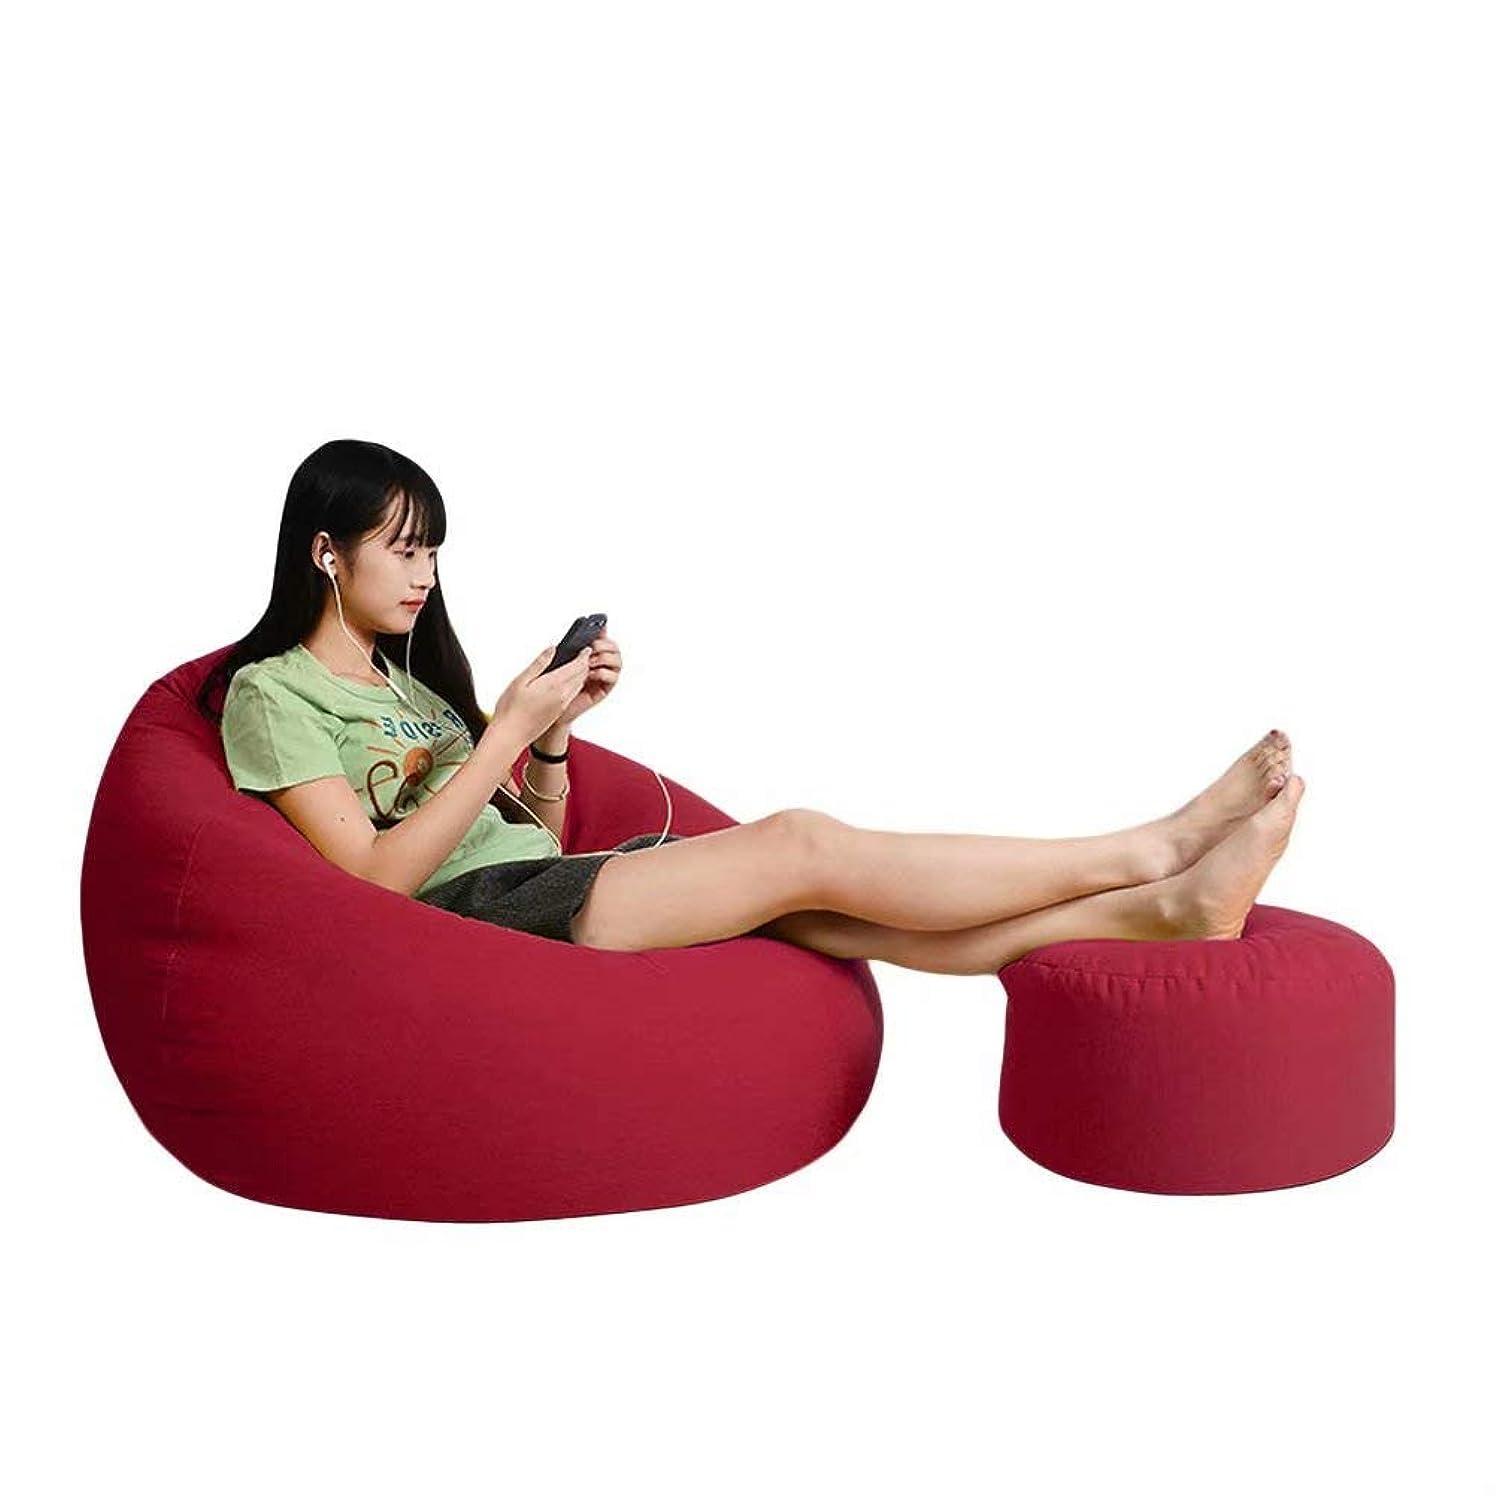 祭り勇気レンド座椅子 座布団 ビーズクッション 深く座るクッション 腰痛 無地 足枕が付くセット 着替え袋付き レッド